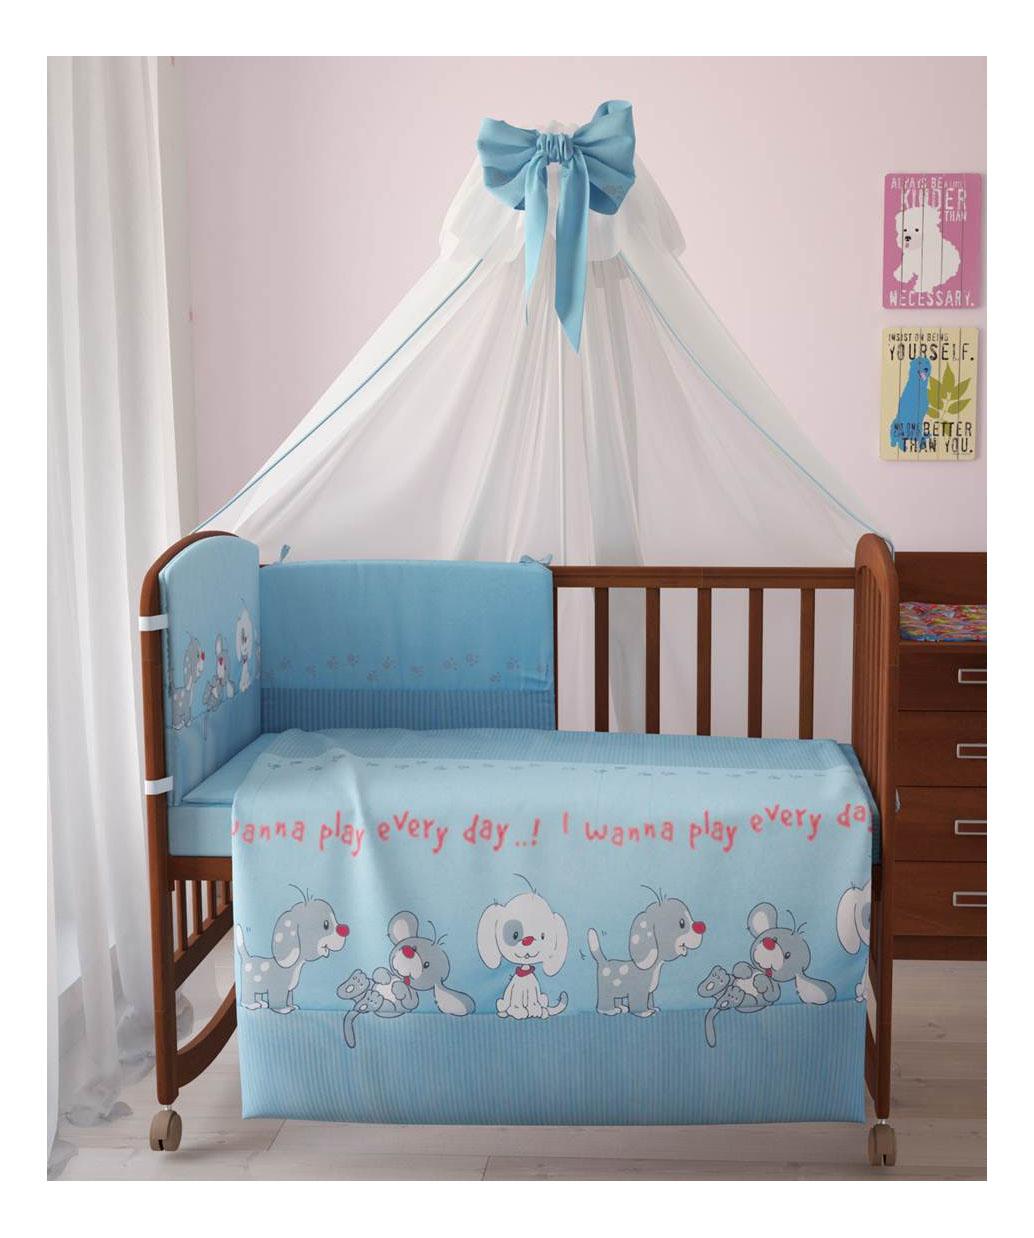 Комплект детского постельного белья Тополь Фея Веселая игра голубой Веселая игра 7предметов, голубой